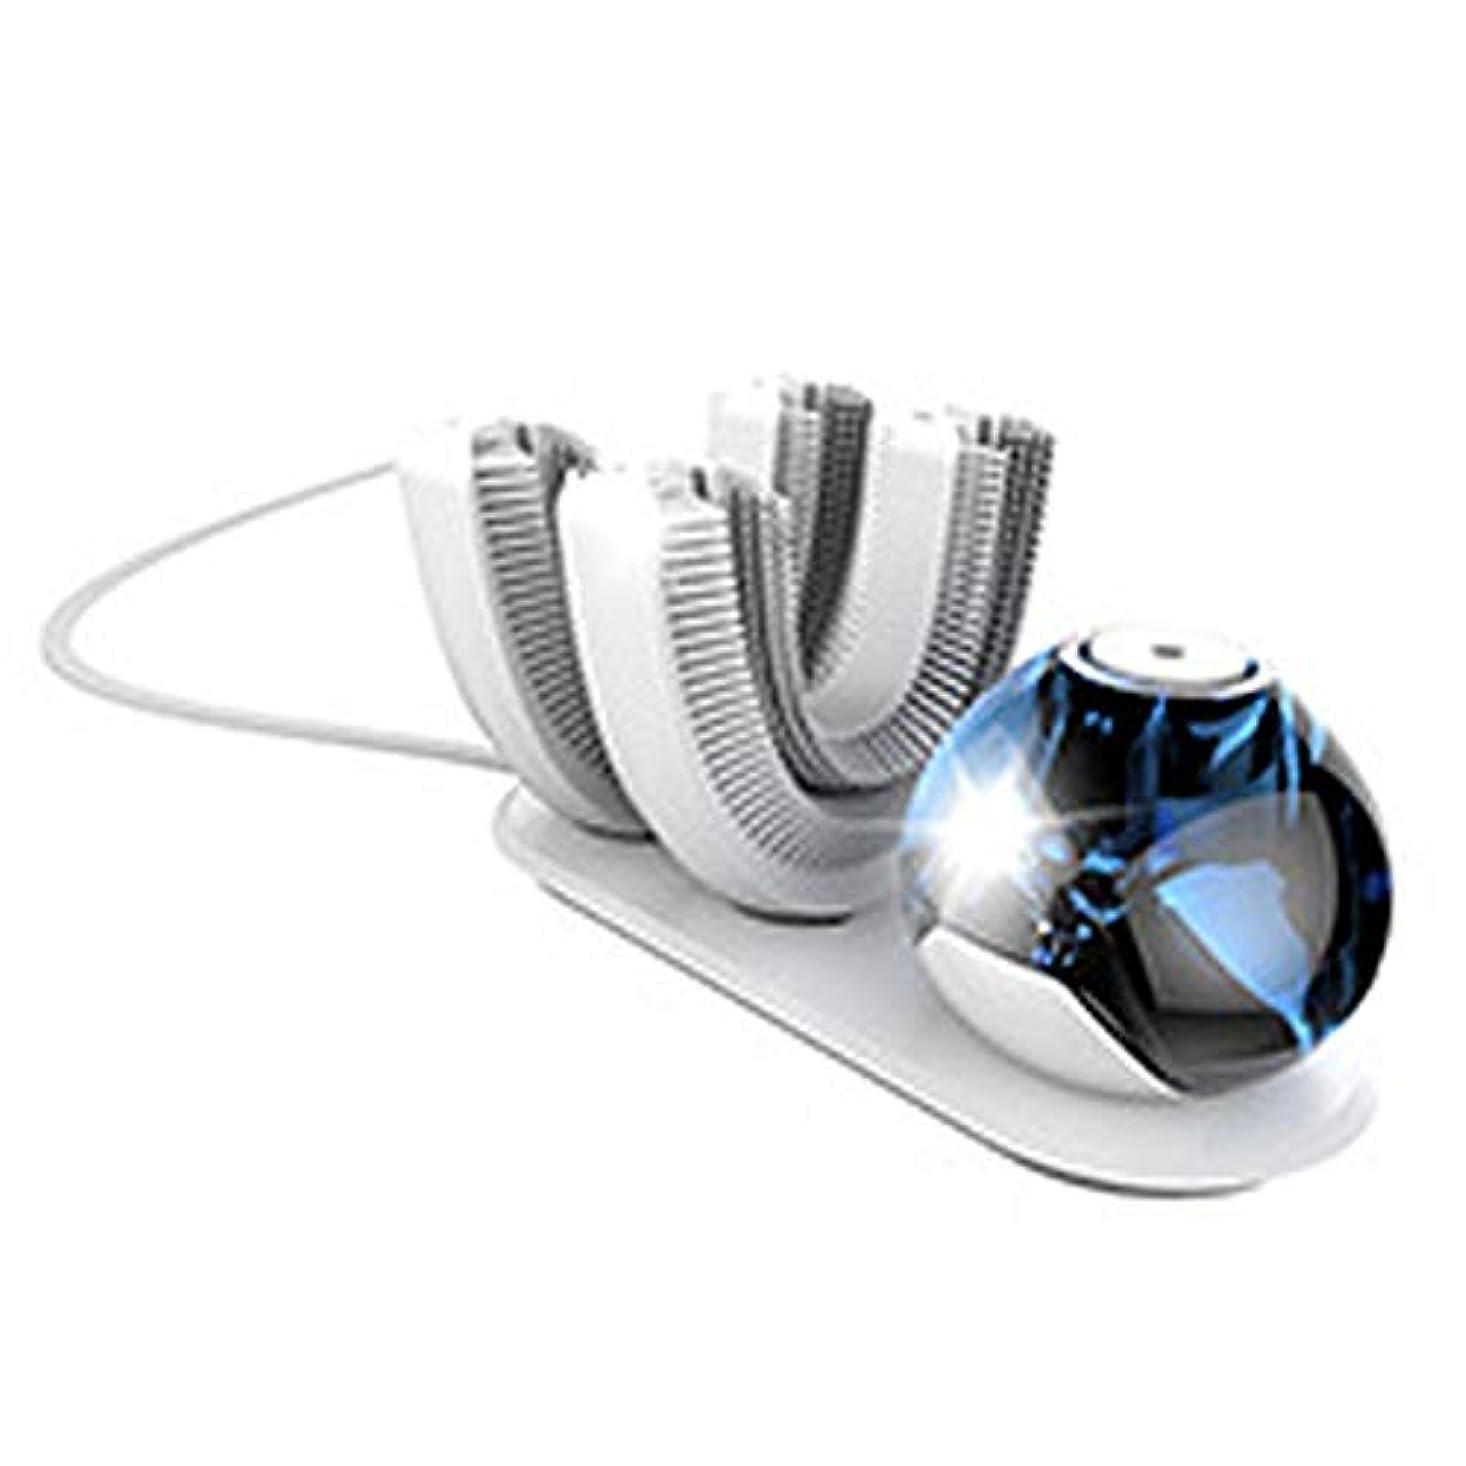 マグ信頼できる木製電動歯ブラシ、U字型歯ブラシの頭、超音波歯ブラシ、ワイヤレス充電音波歯ブラシ、防水IPX7